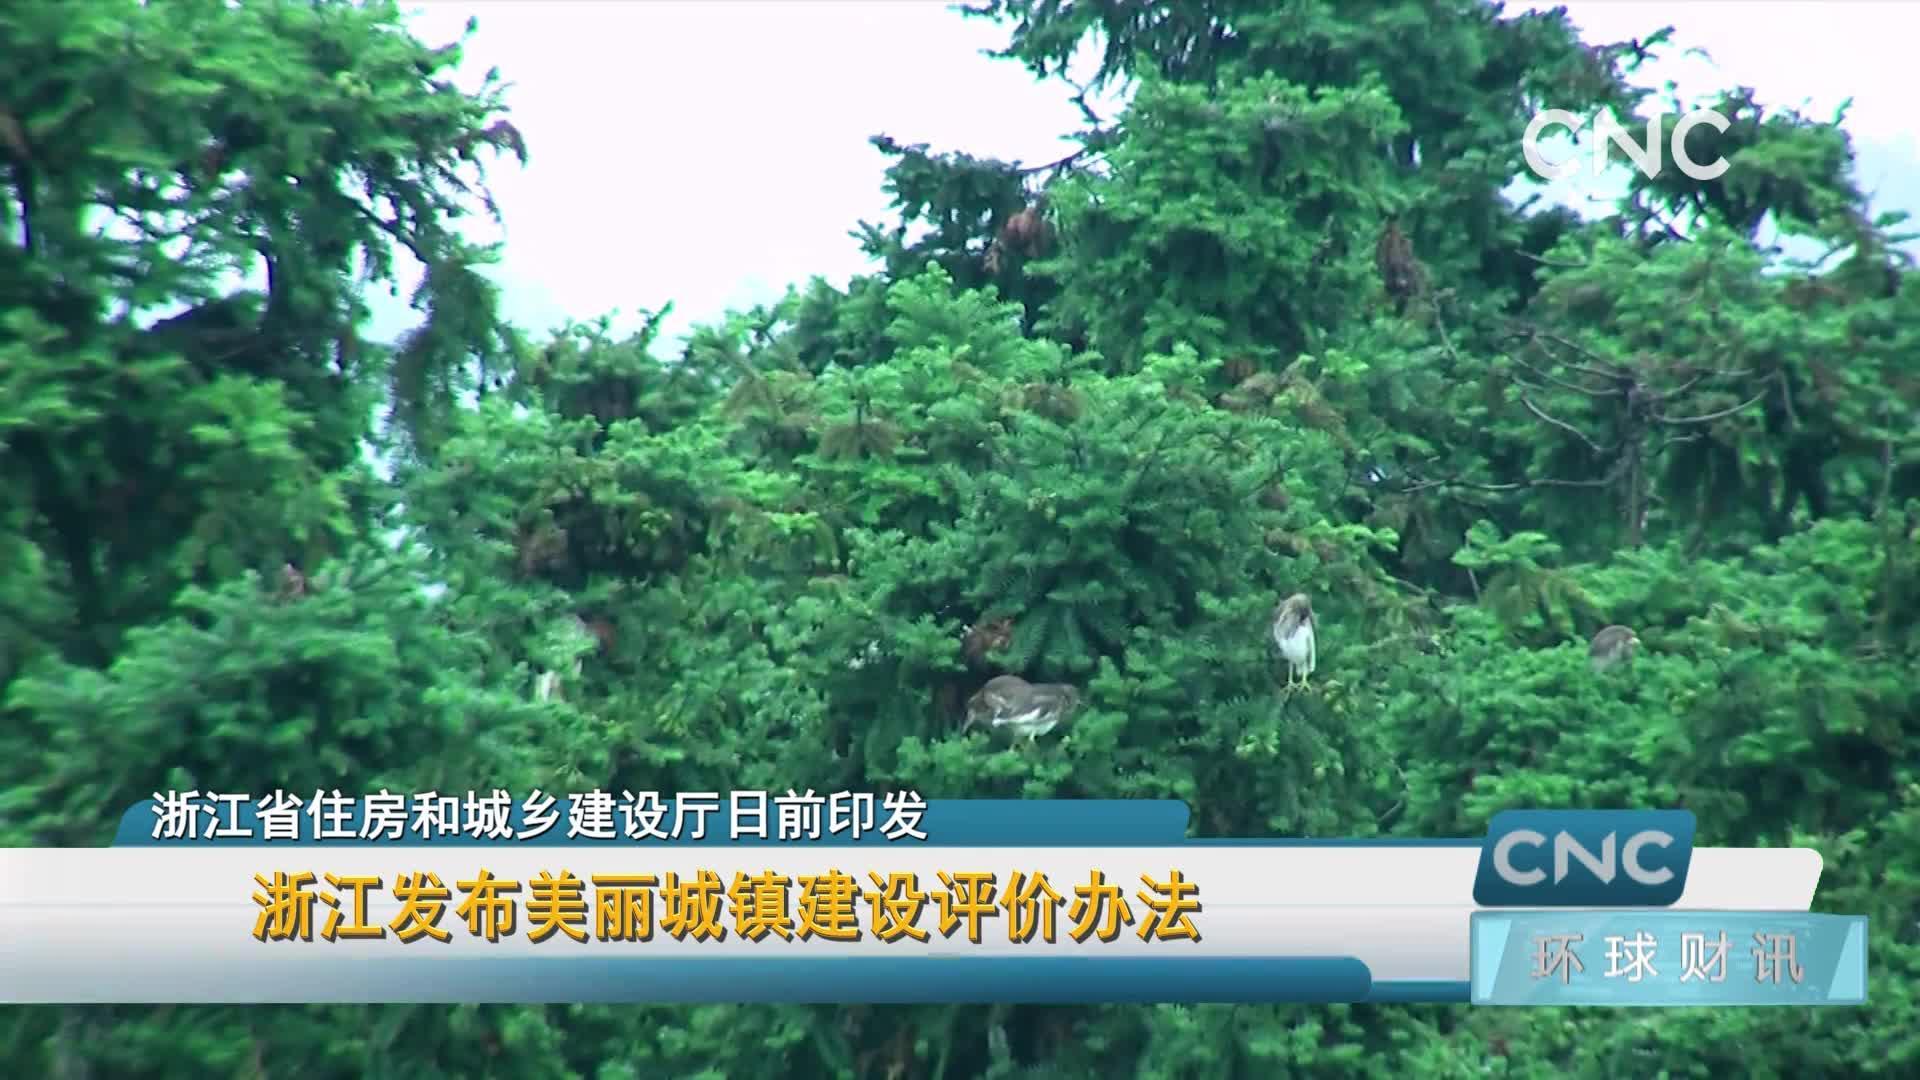 浙江发布美丽城镇建设评价办法安卓版